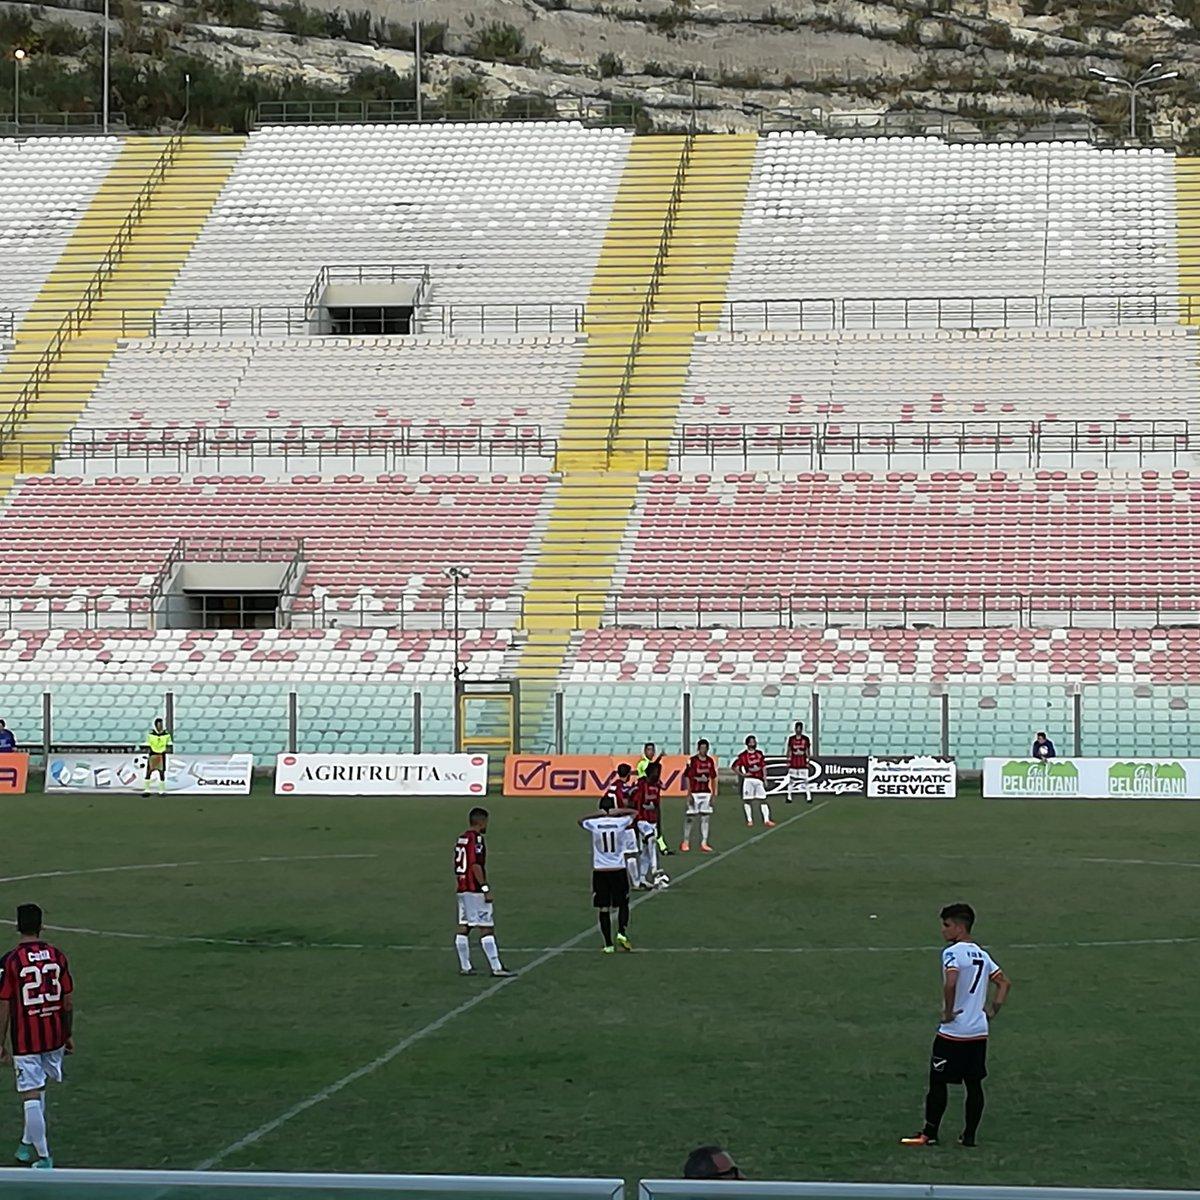 #MessinaCasertana